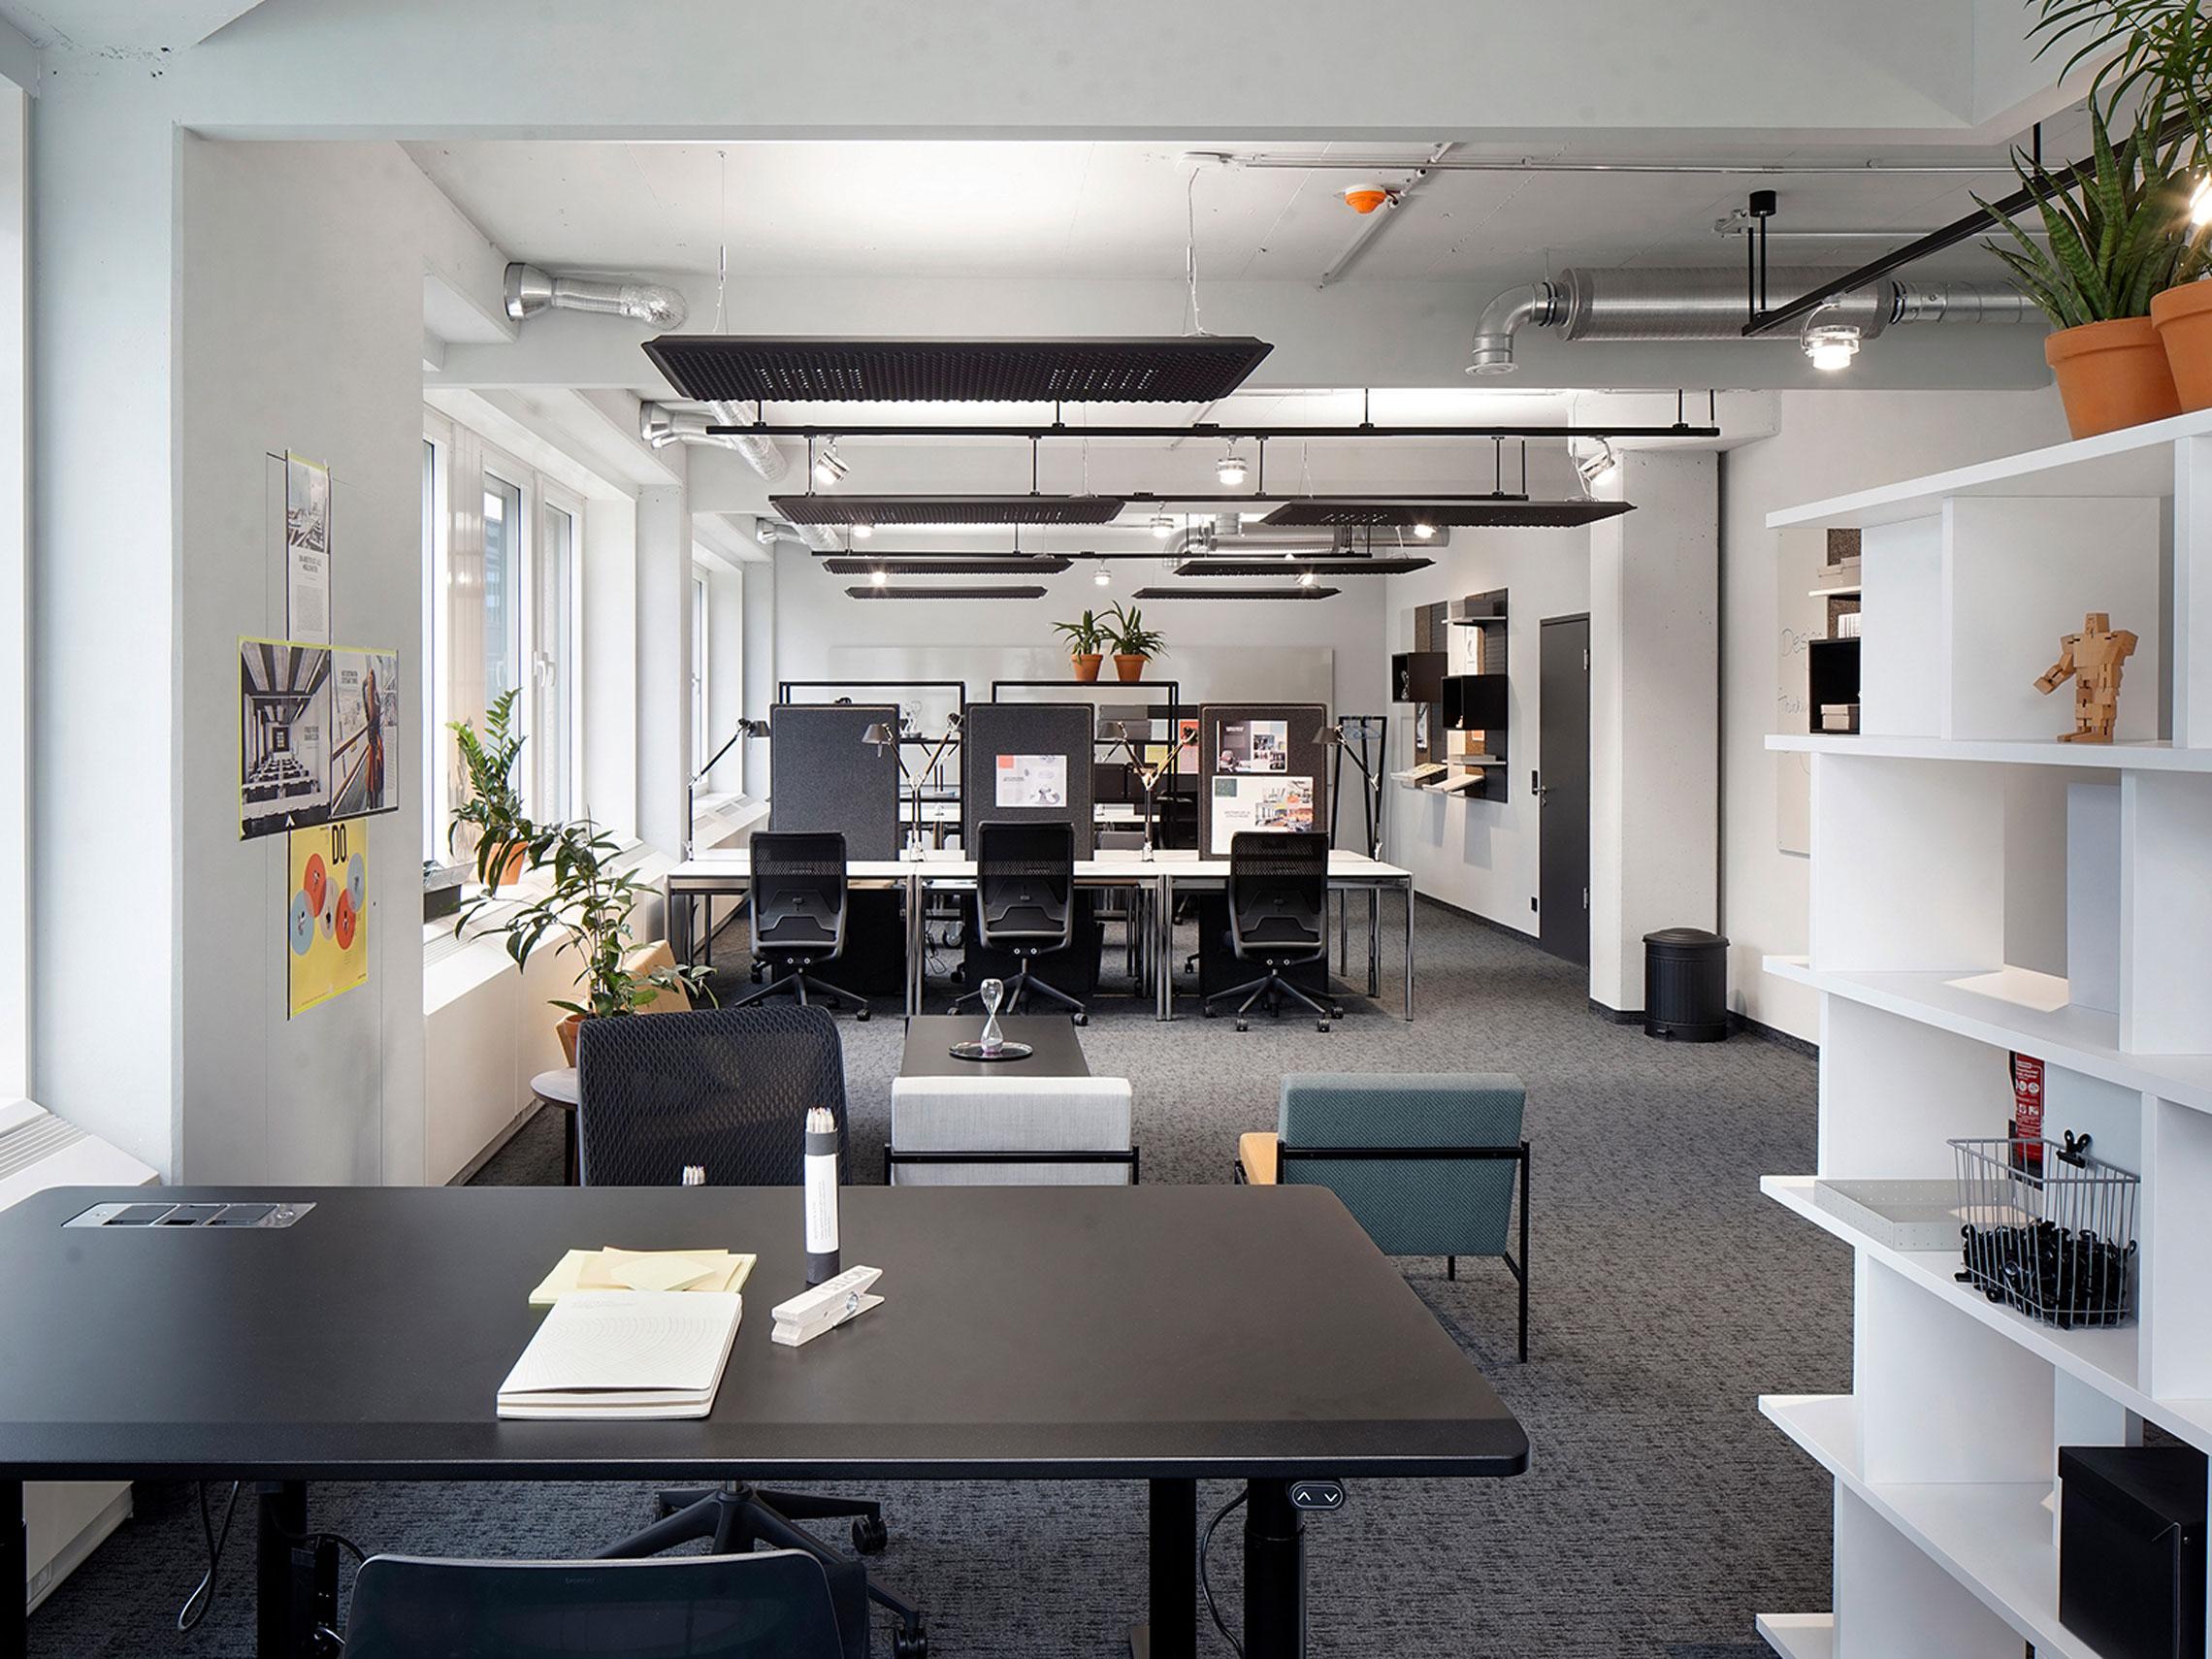 湖南浩安公装公司装修设计资讯知识浩安公装:办公室装修设计色彩的的季节感